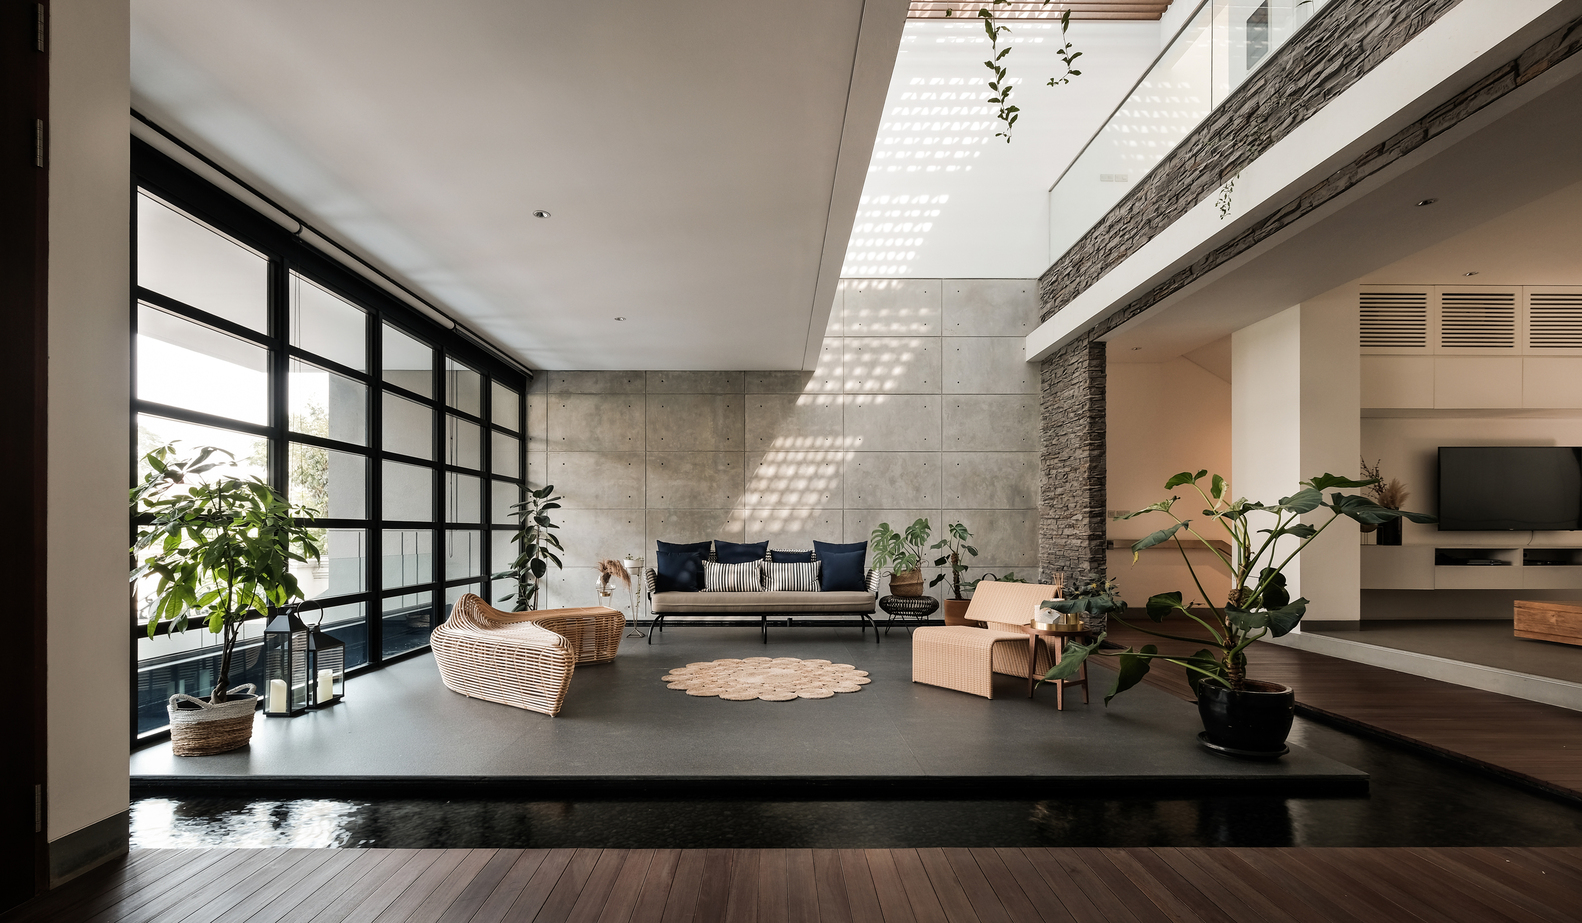 interior design interior modern living rooms architecture